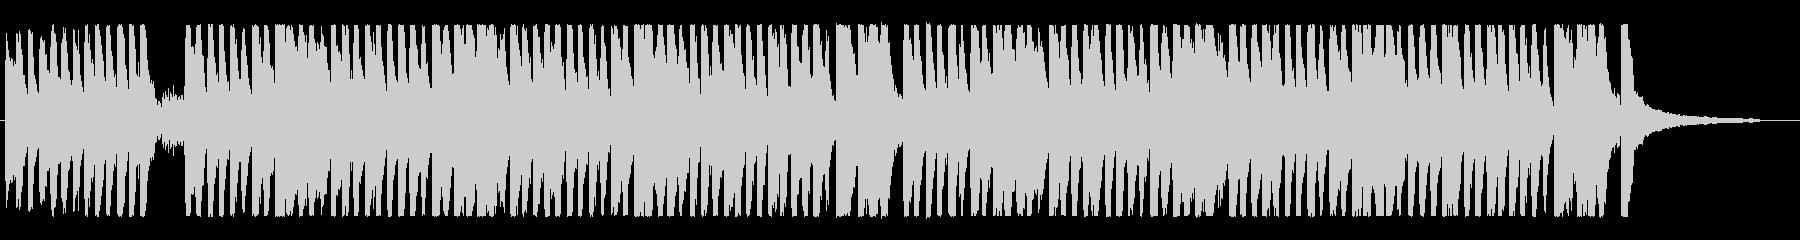 ハッピー楽しく明るいポップなオーケストラの未再生の波形